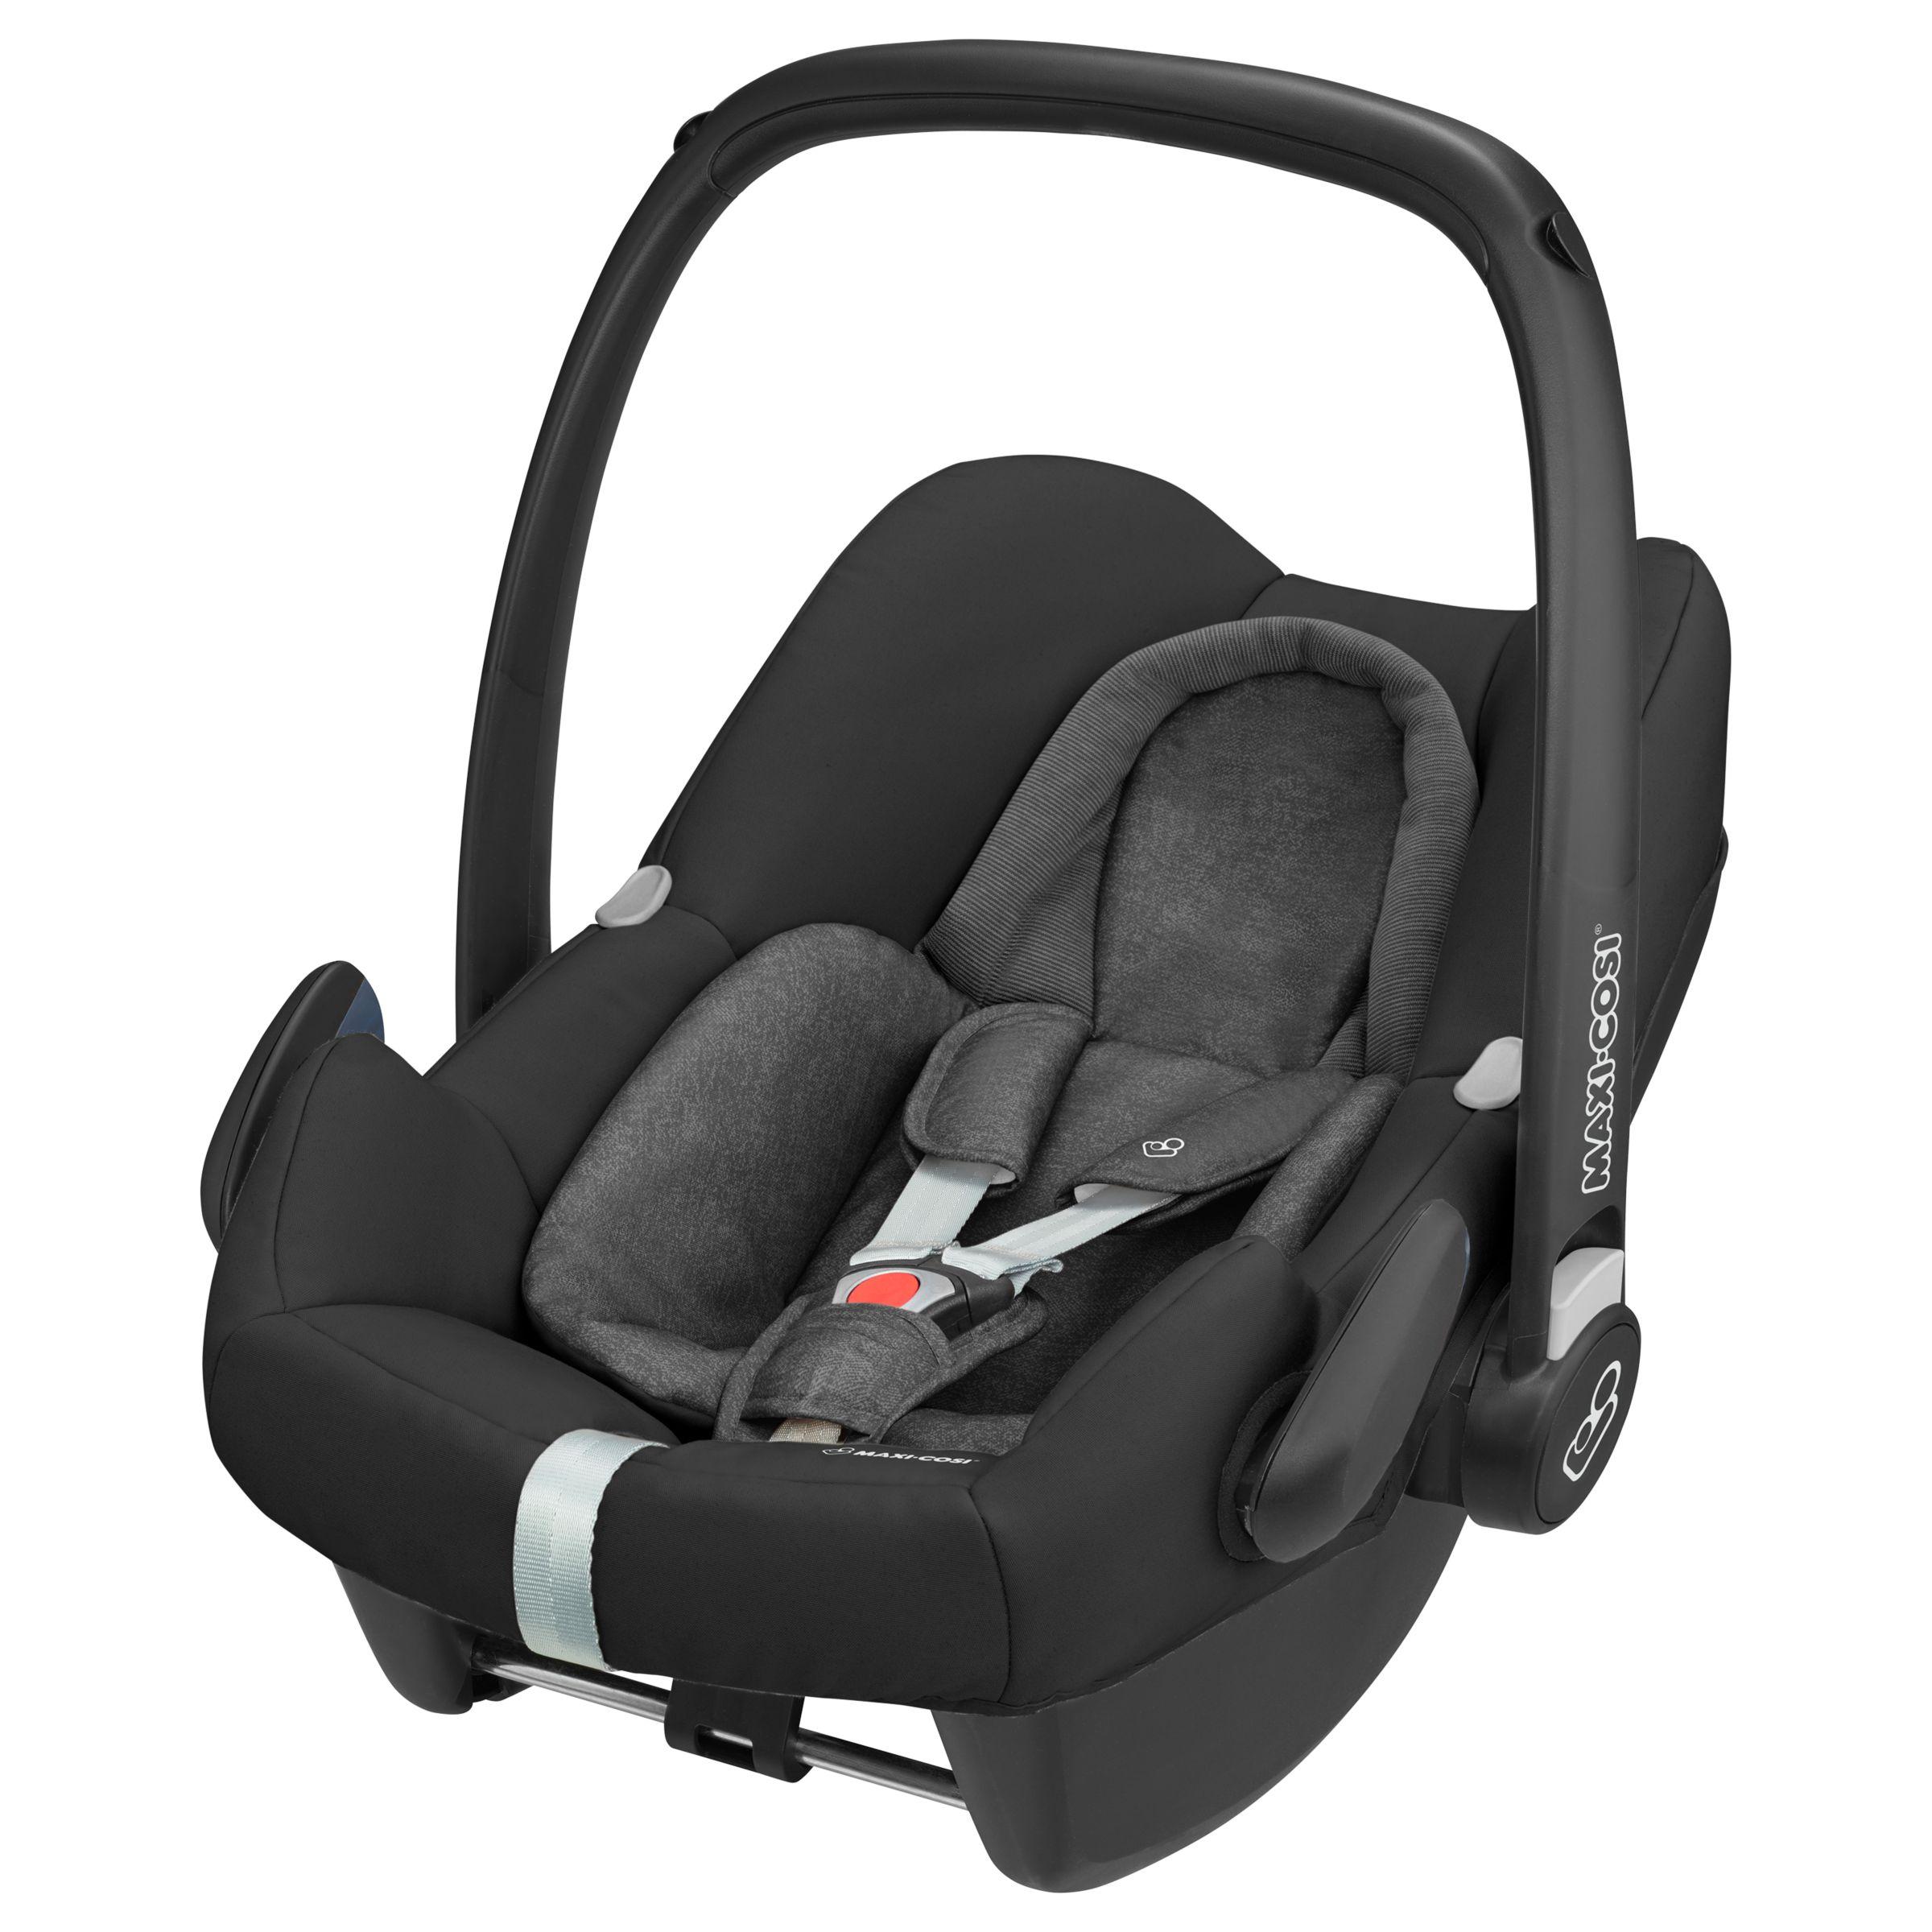 Maxi-Cosi Maxi-Cosi Rock Group 0+ i-Size Baby Car Seat, Nomad Black